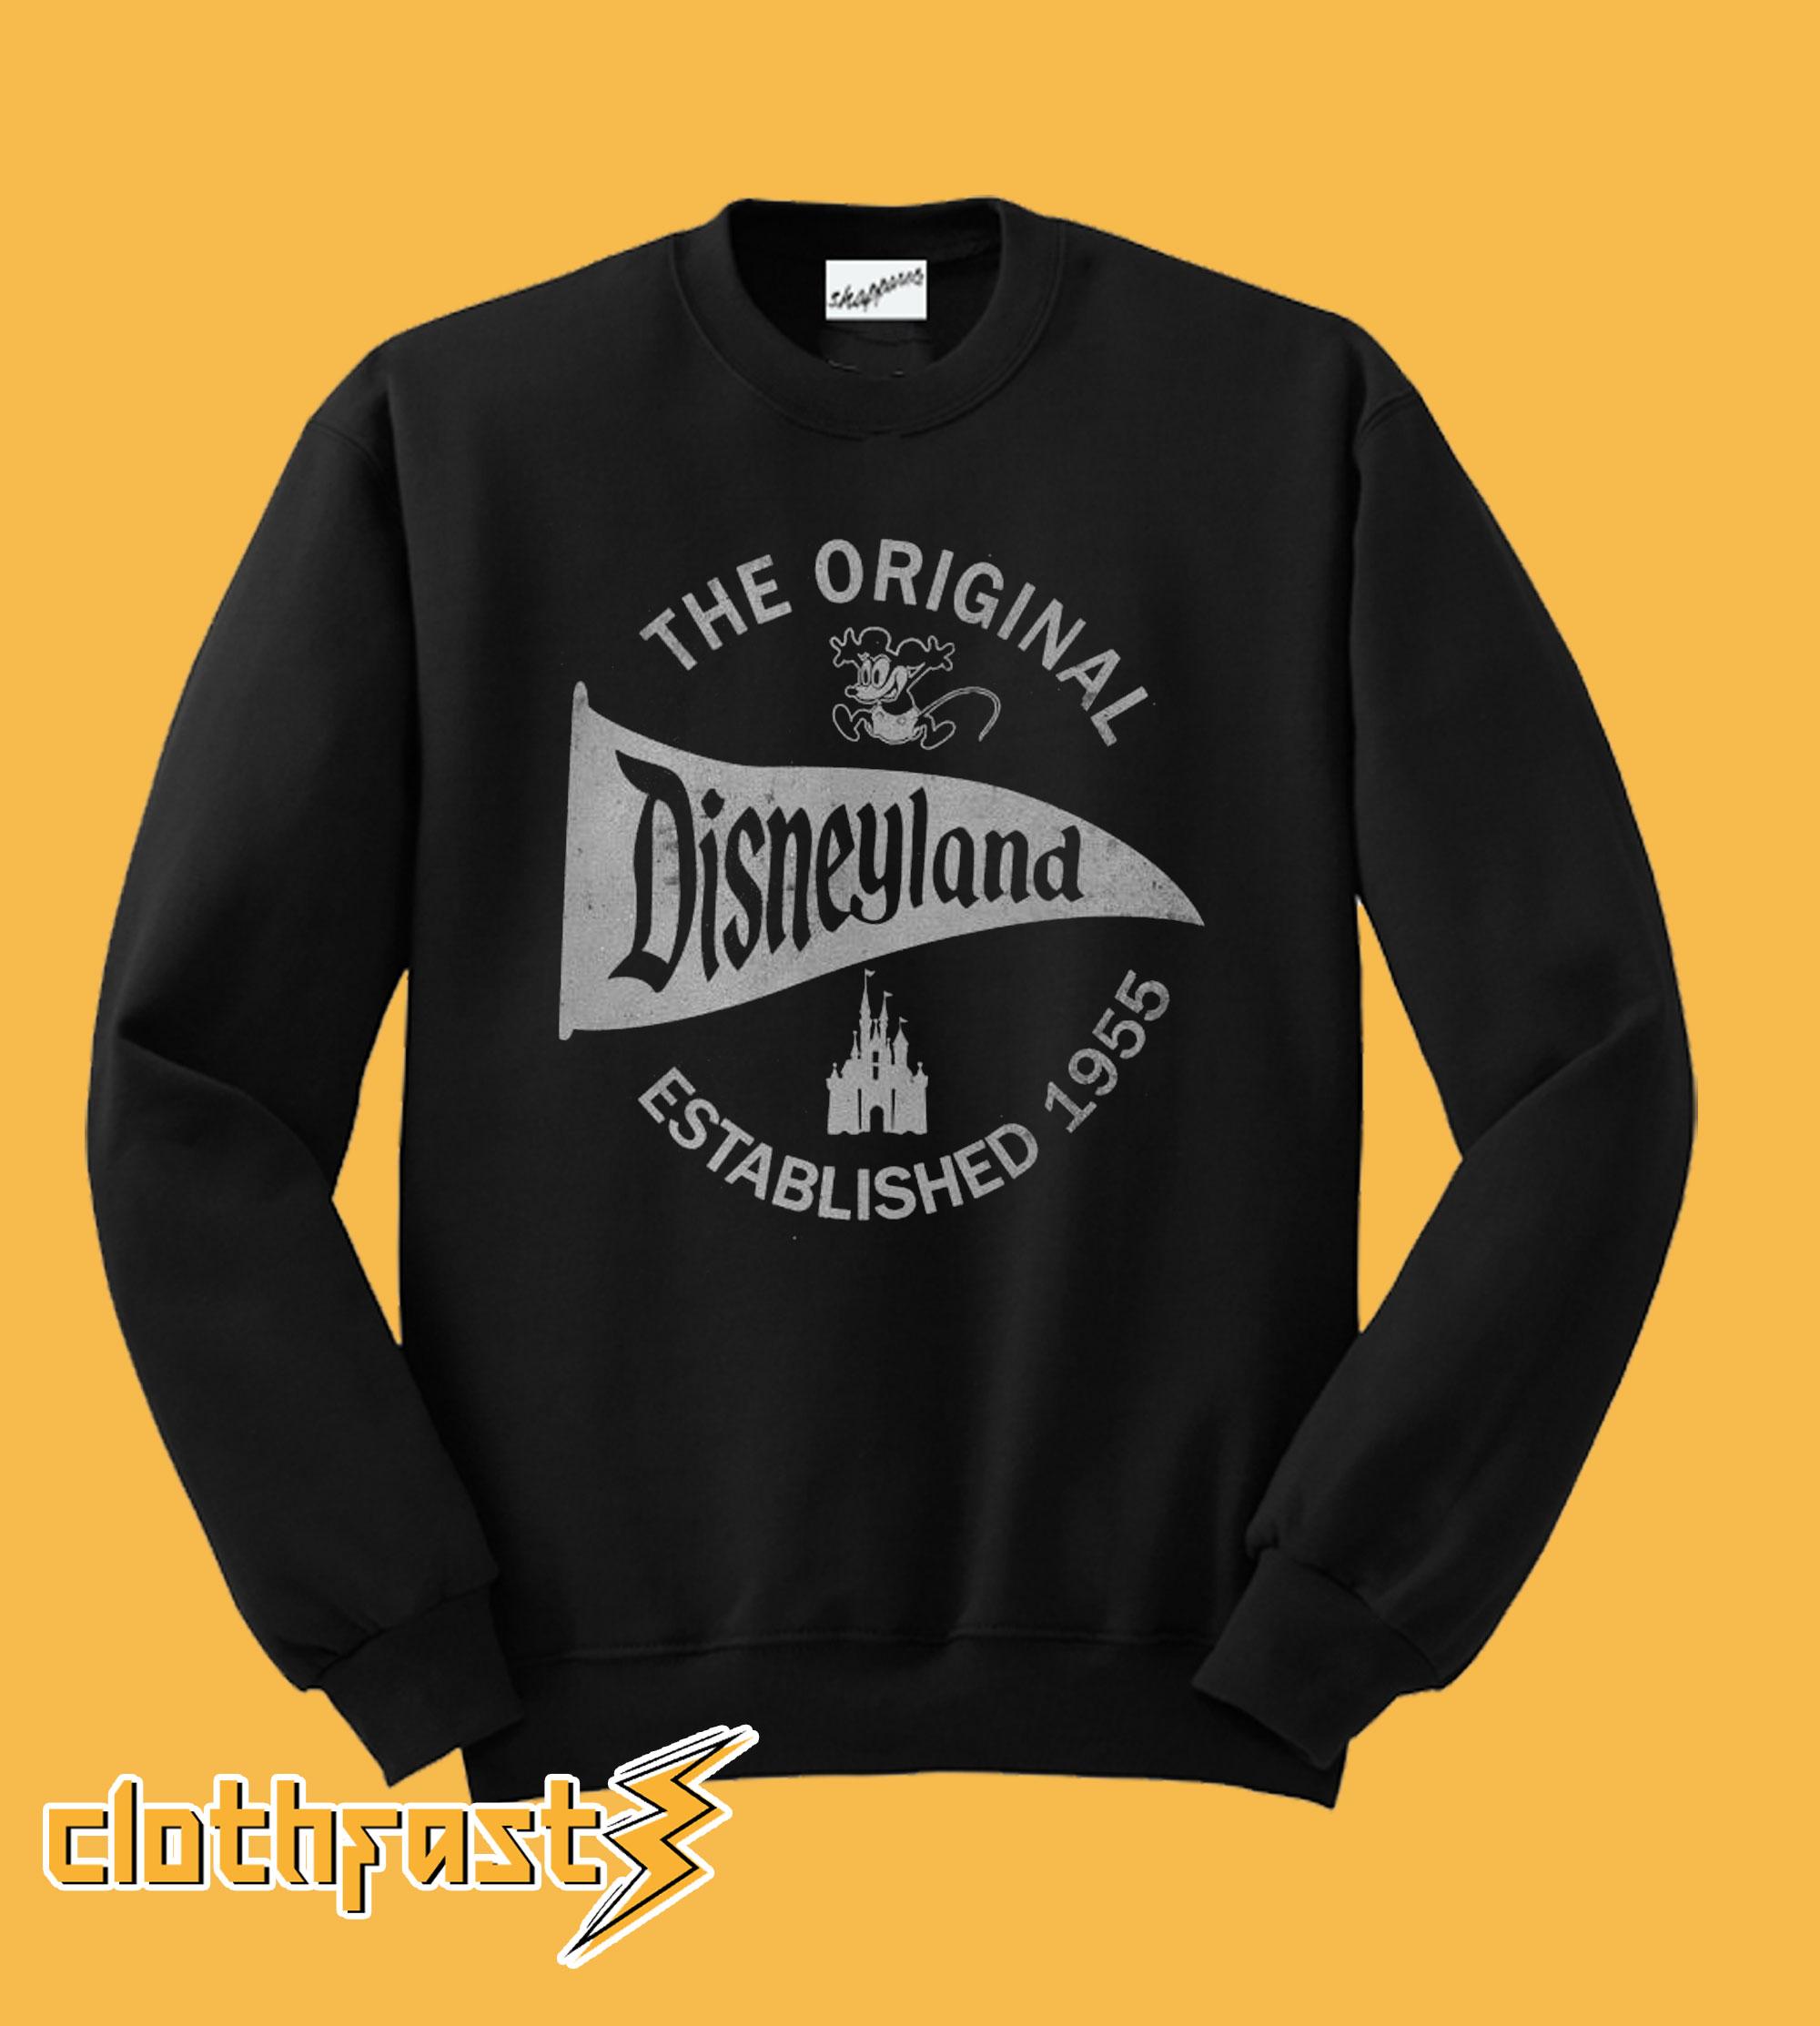 The Original Disneyland Established 1955 SweatshirtThe Original Disneyland Established 1955 Sweatshirt